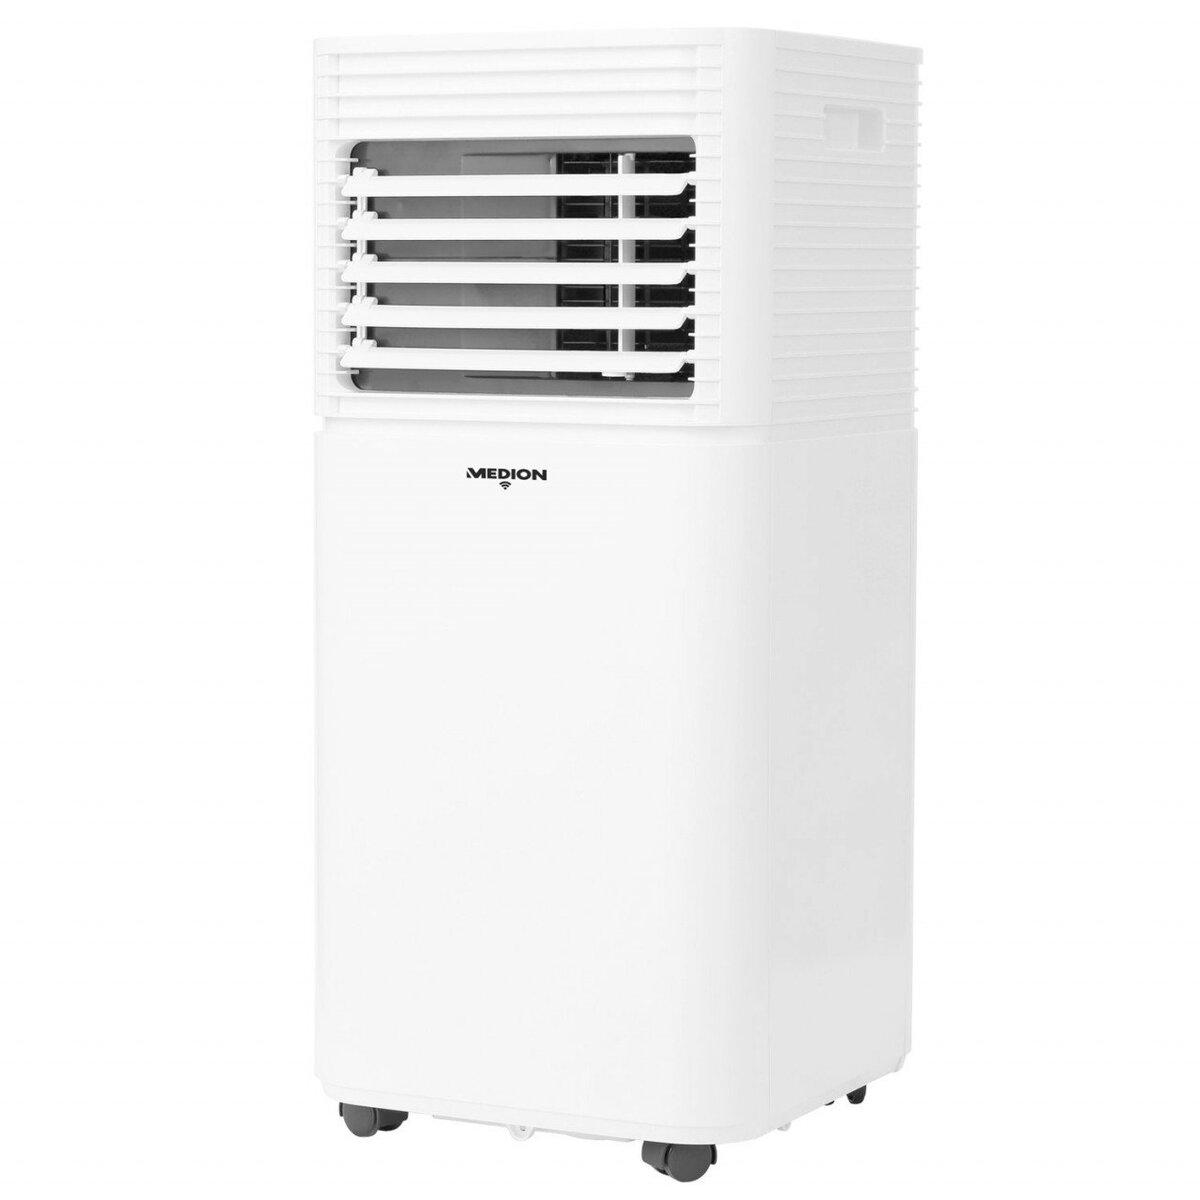 Bild 1 von Medion Mobile Klimaanlage MD 37215